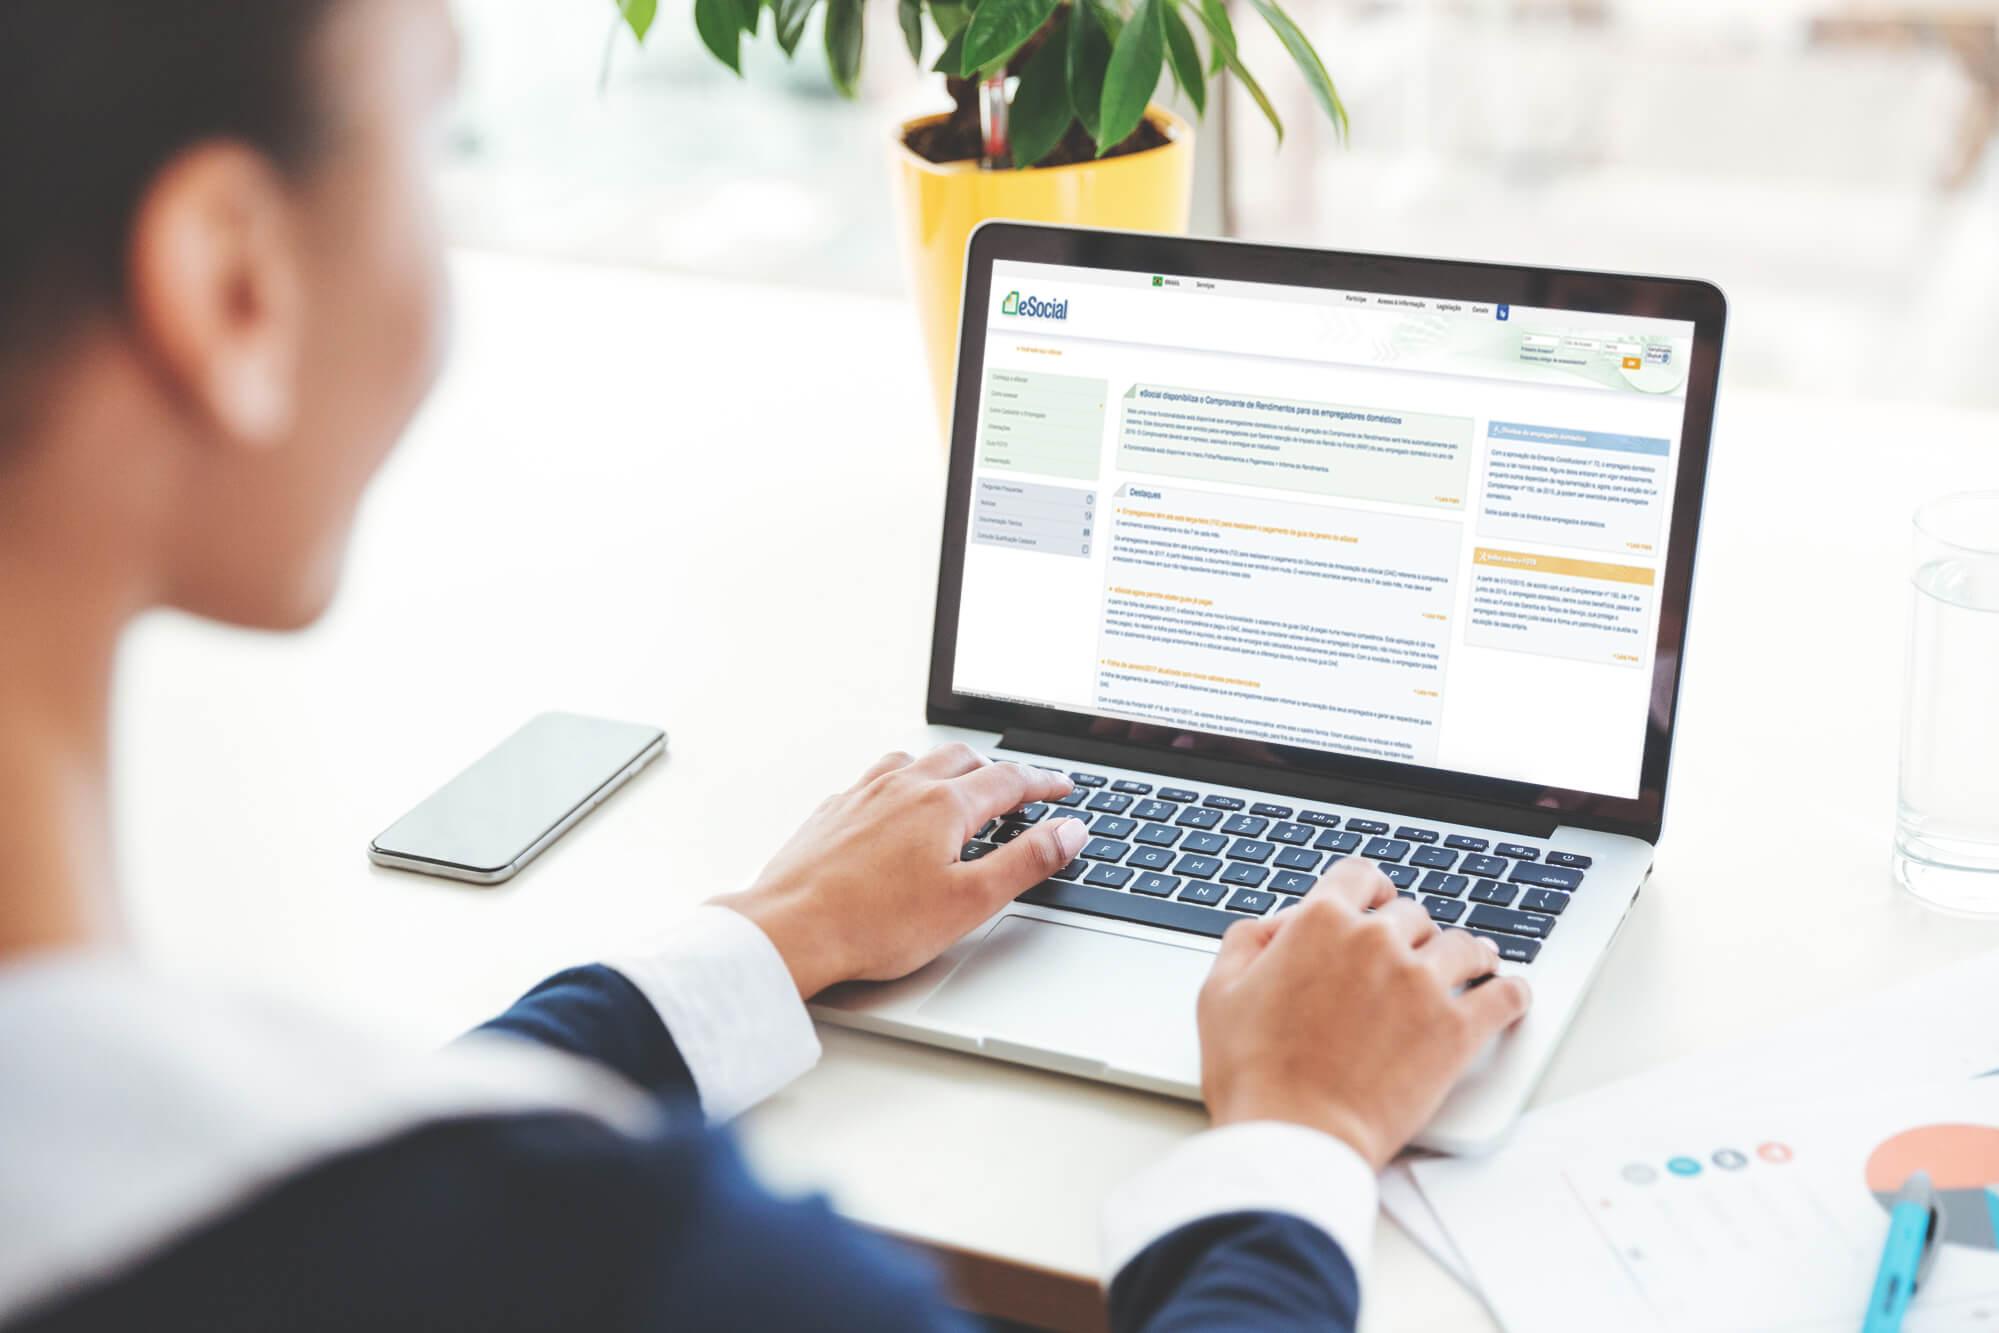 Certificado-digital-para-esocial-entenda-a-obrigatoriedade